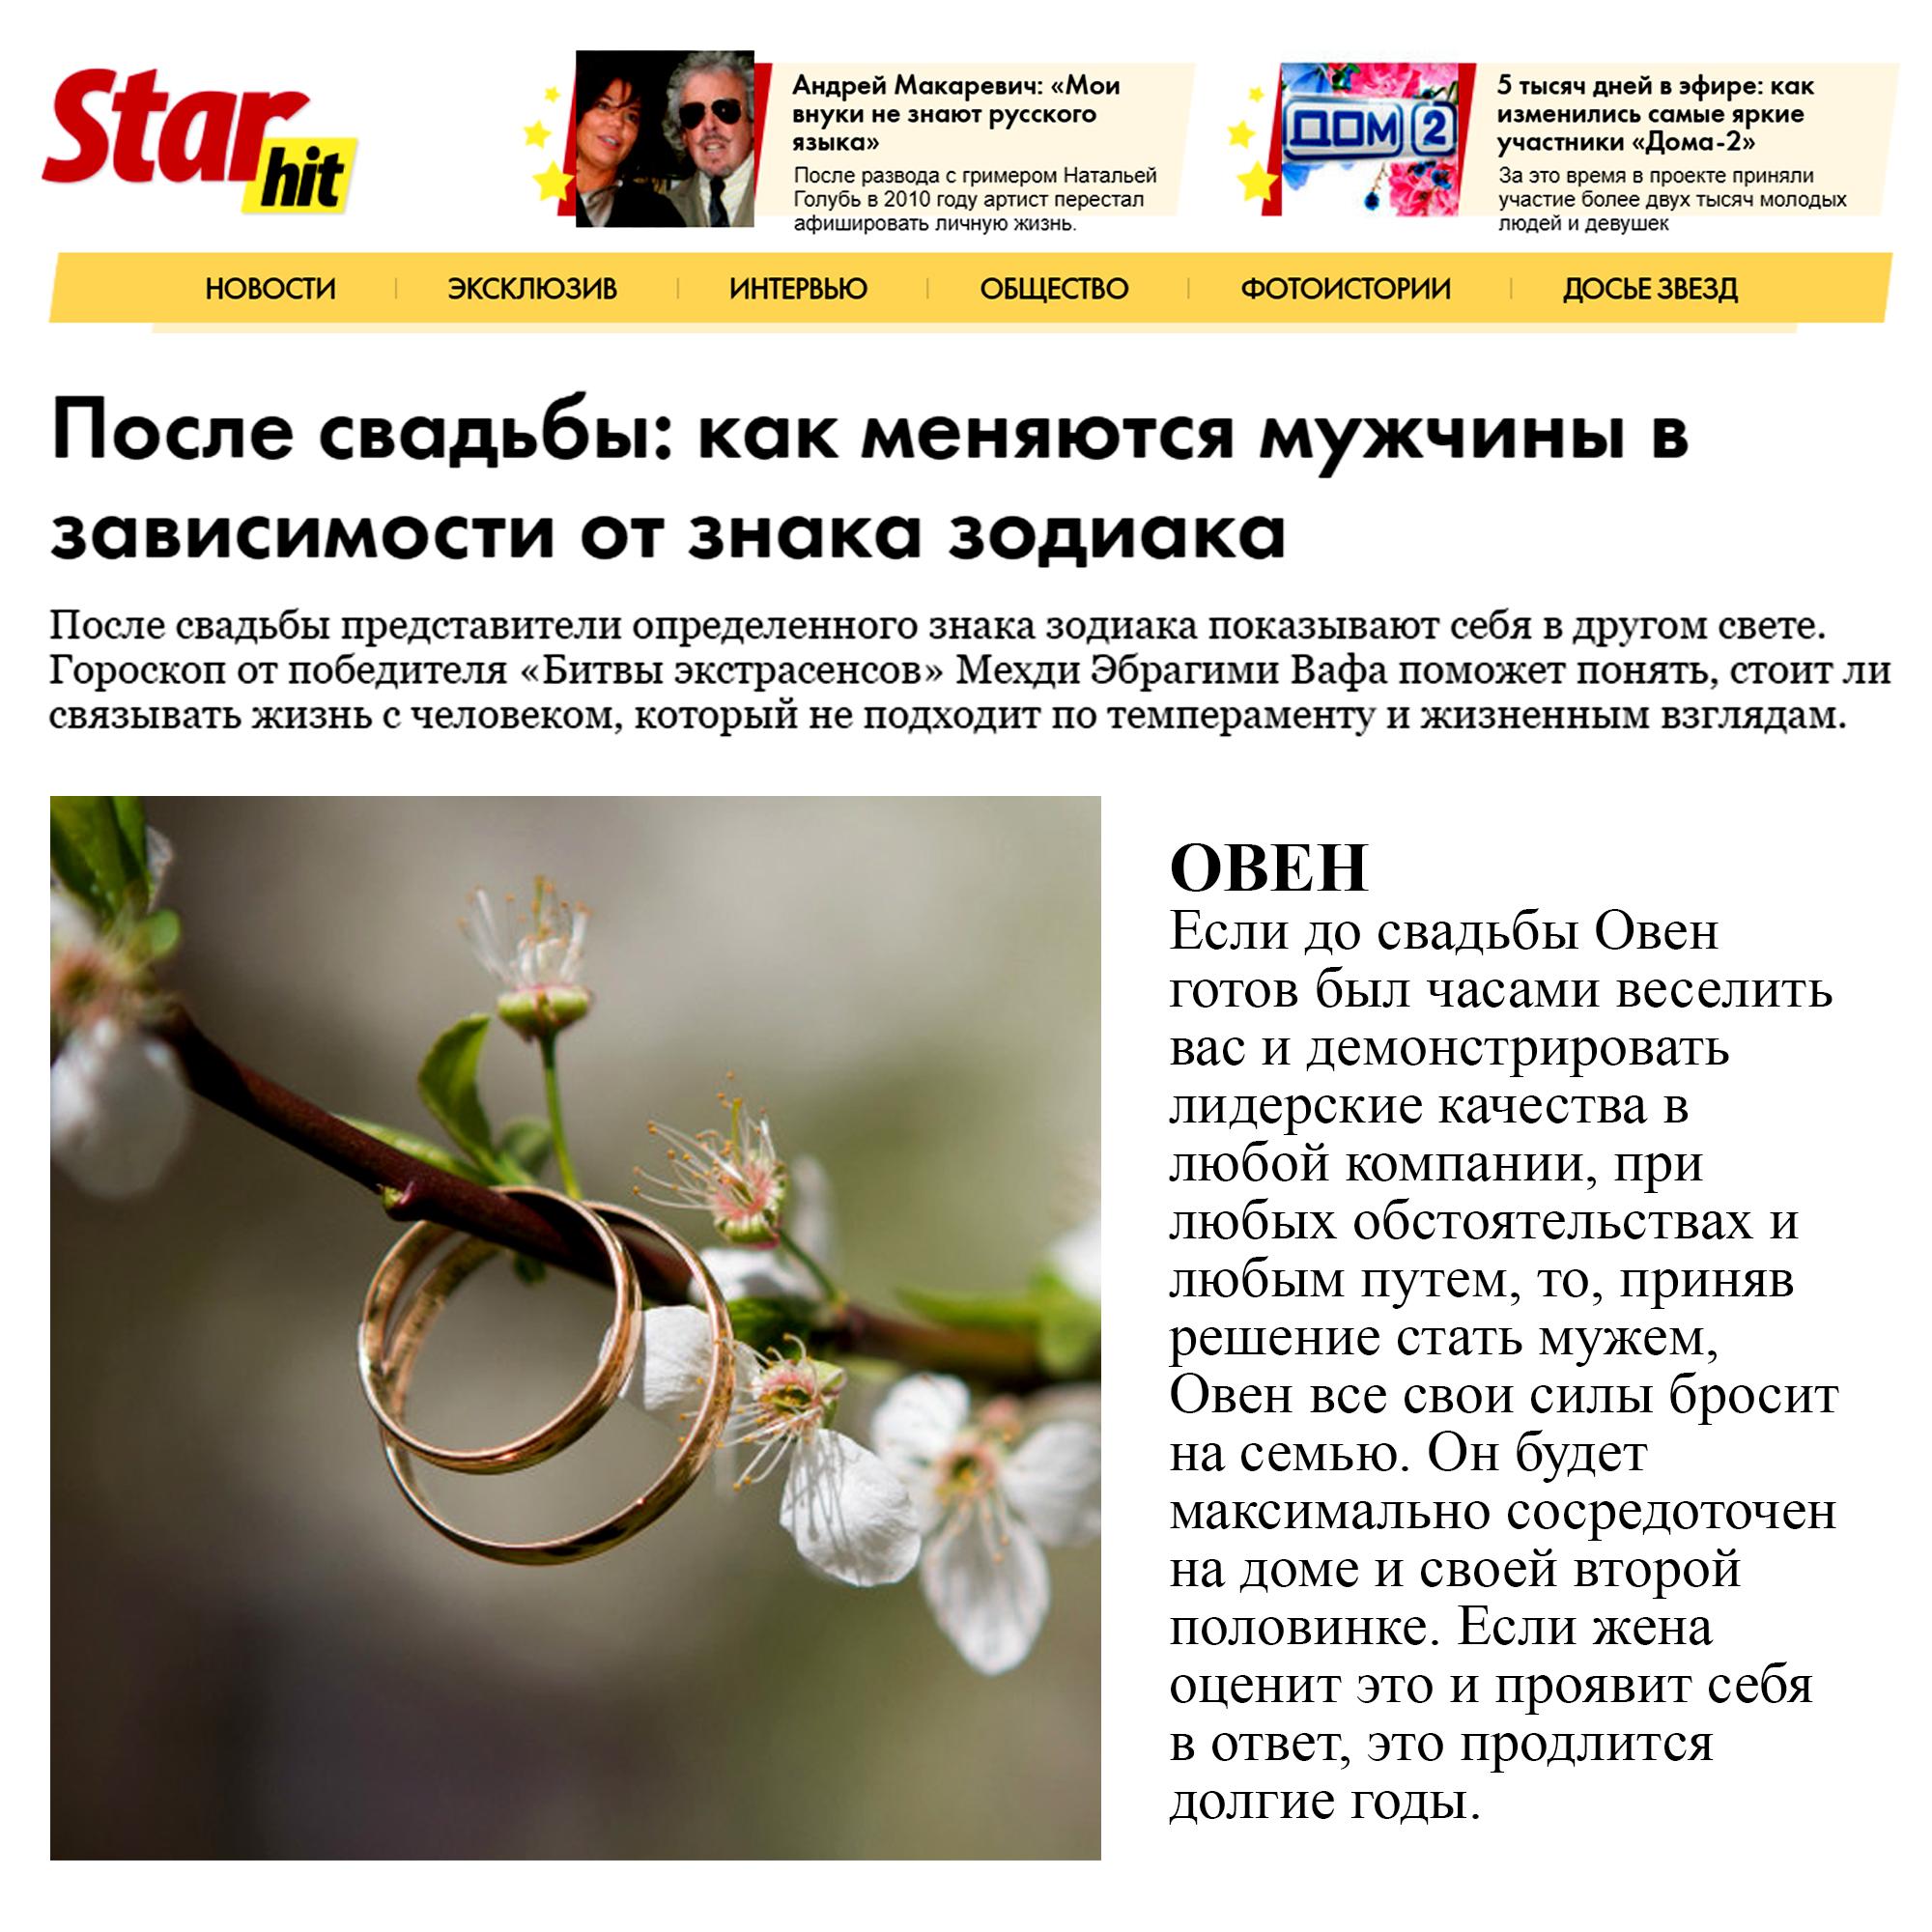 Starhit.ru: Гороскоп от победителя Битвы Экстрасенсов Мехди Эбрагими Вафа